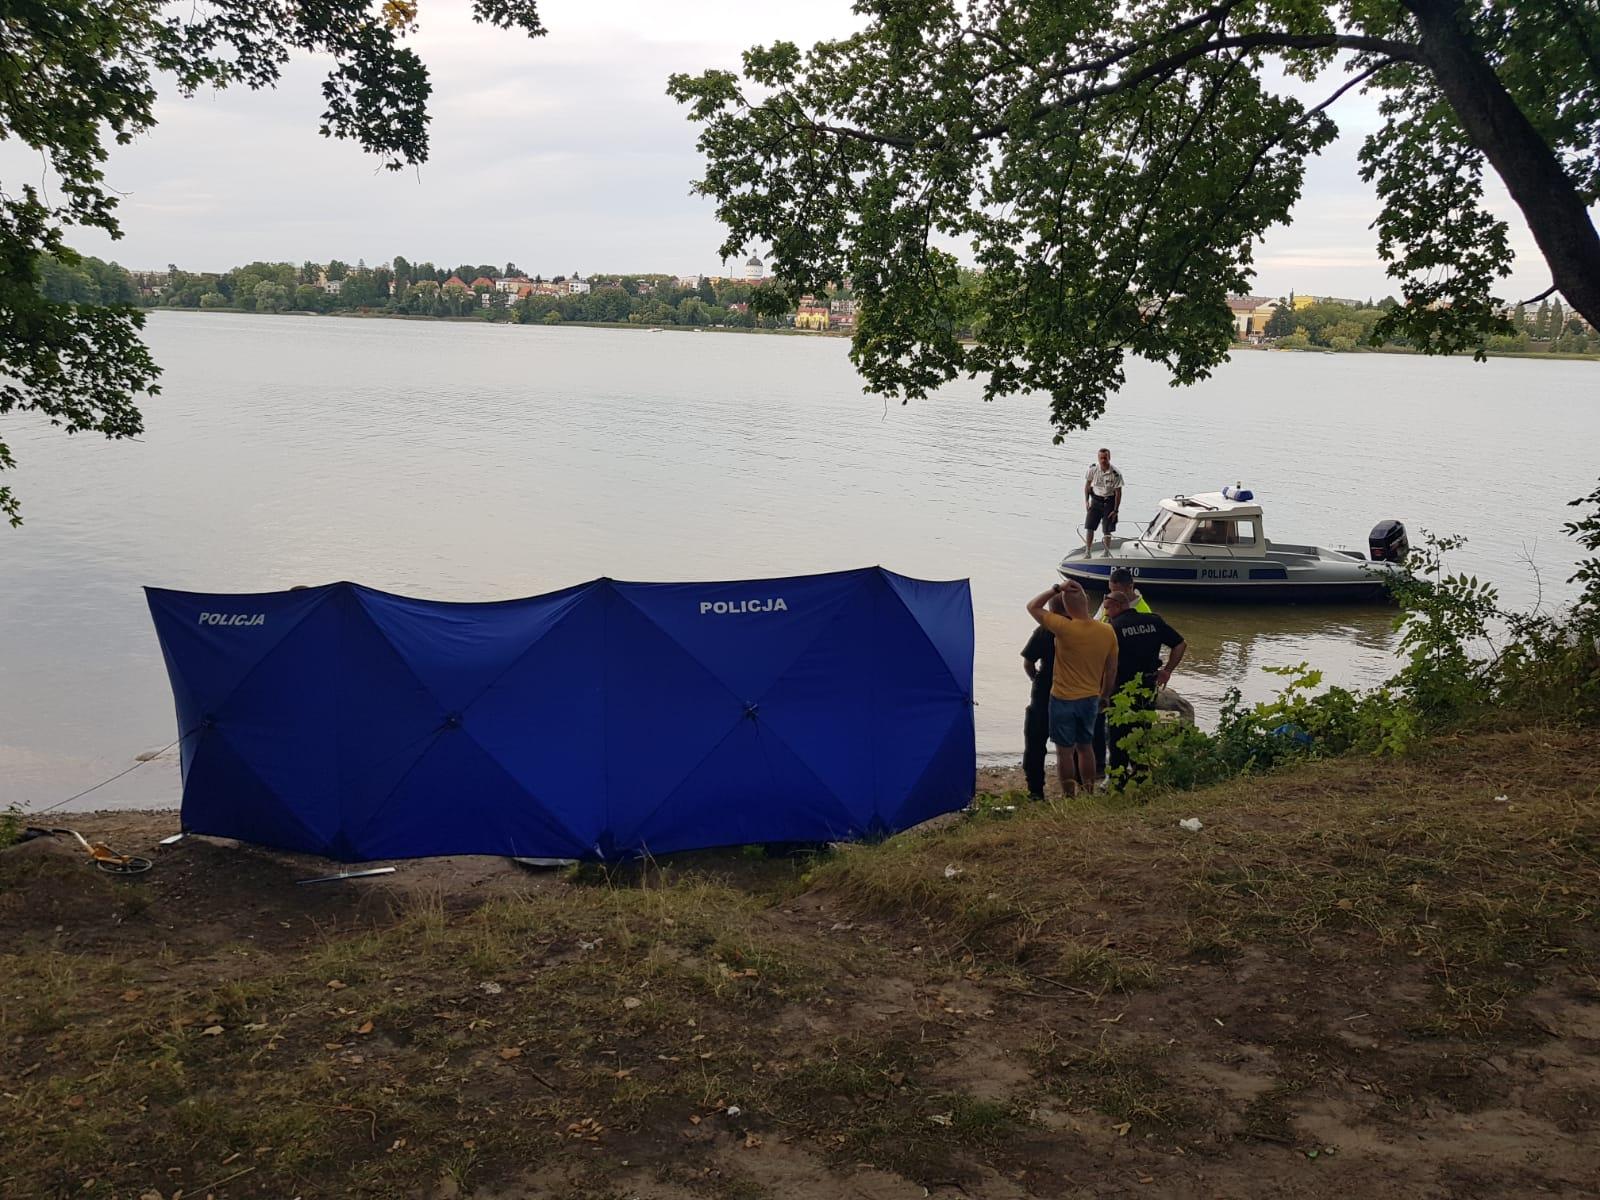 http://m.wm.pl/2019/08/orig/3-poszukiwania-na-jeziorze-elckim-571199.jpg